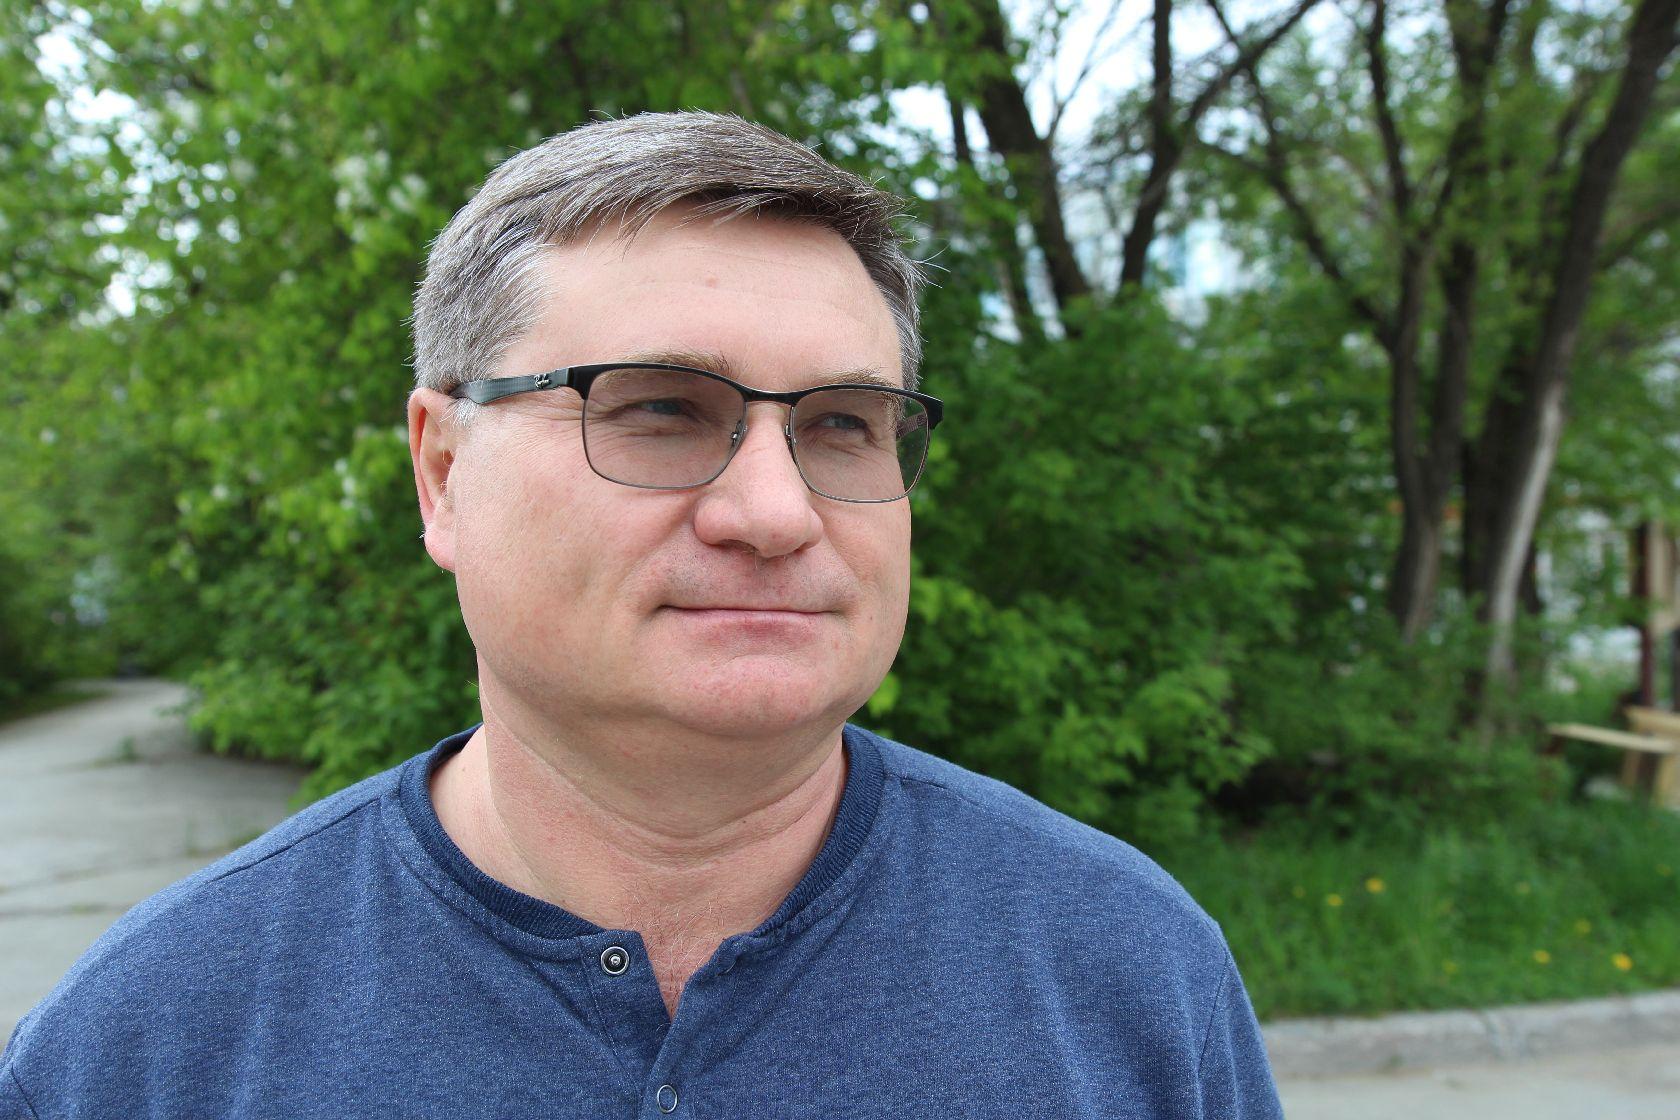 Технический директор ООО «Печная керамика» Евгений Надточий